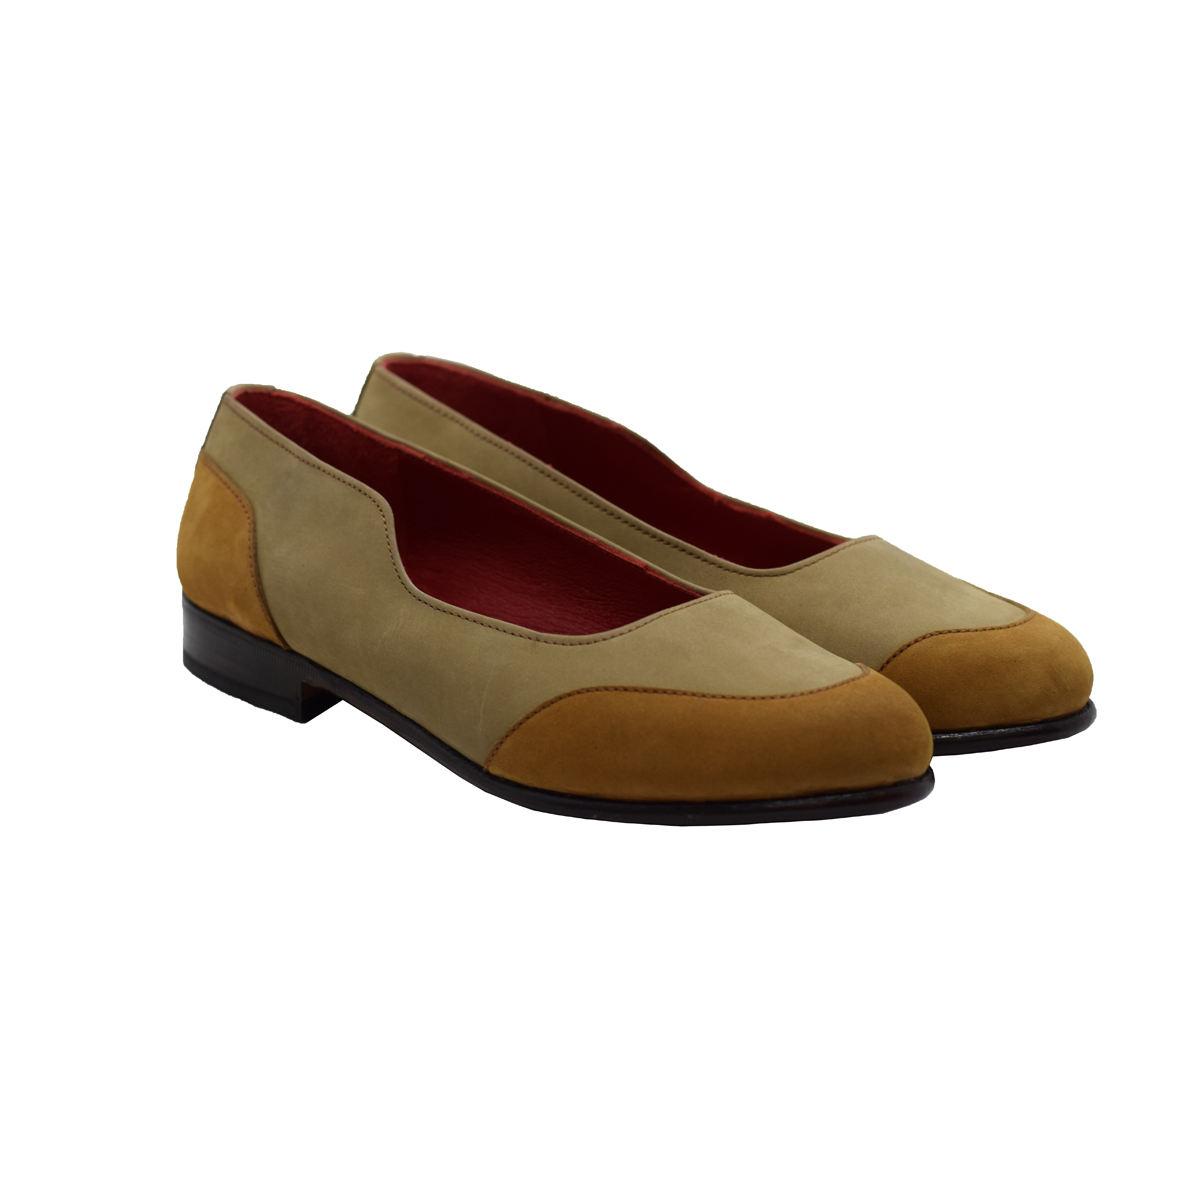 کفش زنانه دگرمان مدل آرام کد deg.1ar1105 -  - 6